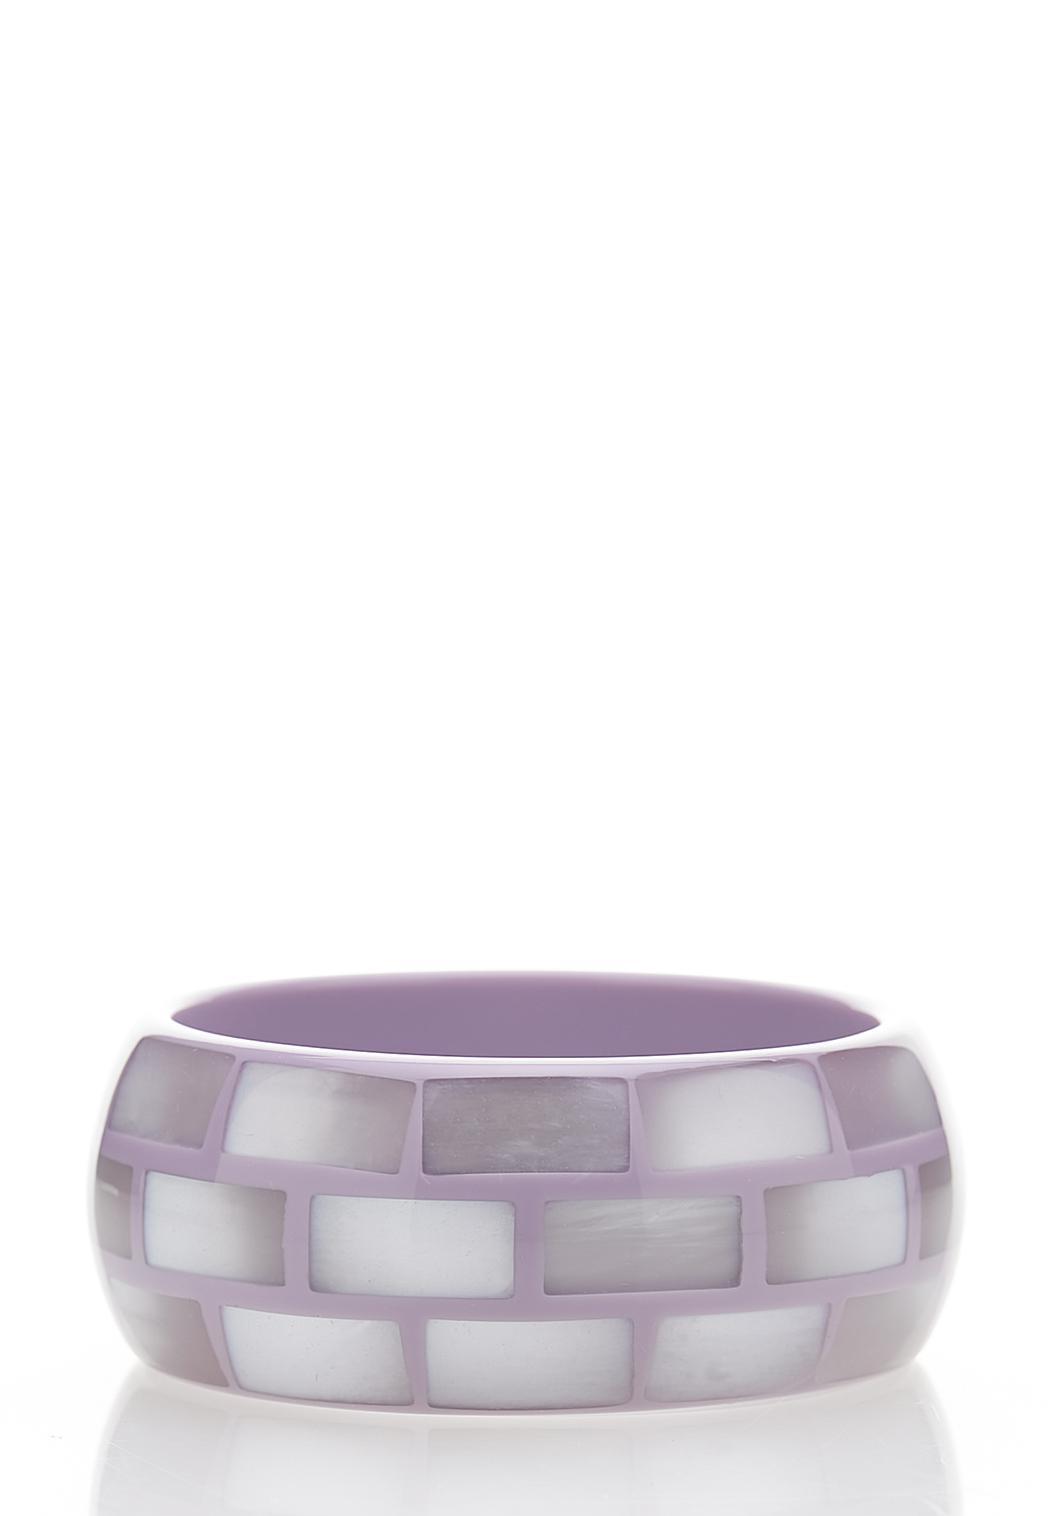 Lavender Faceted Bangle Bracelet